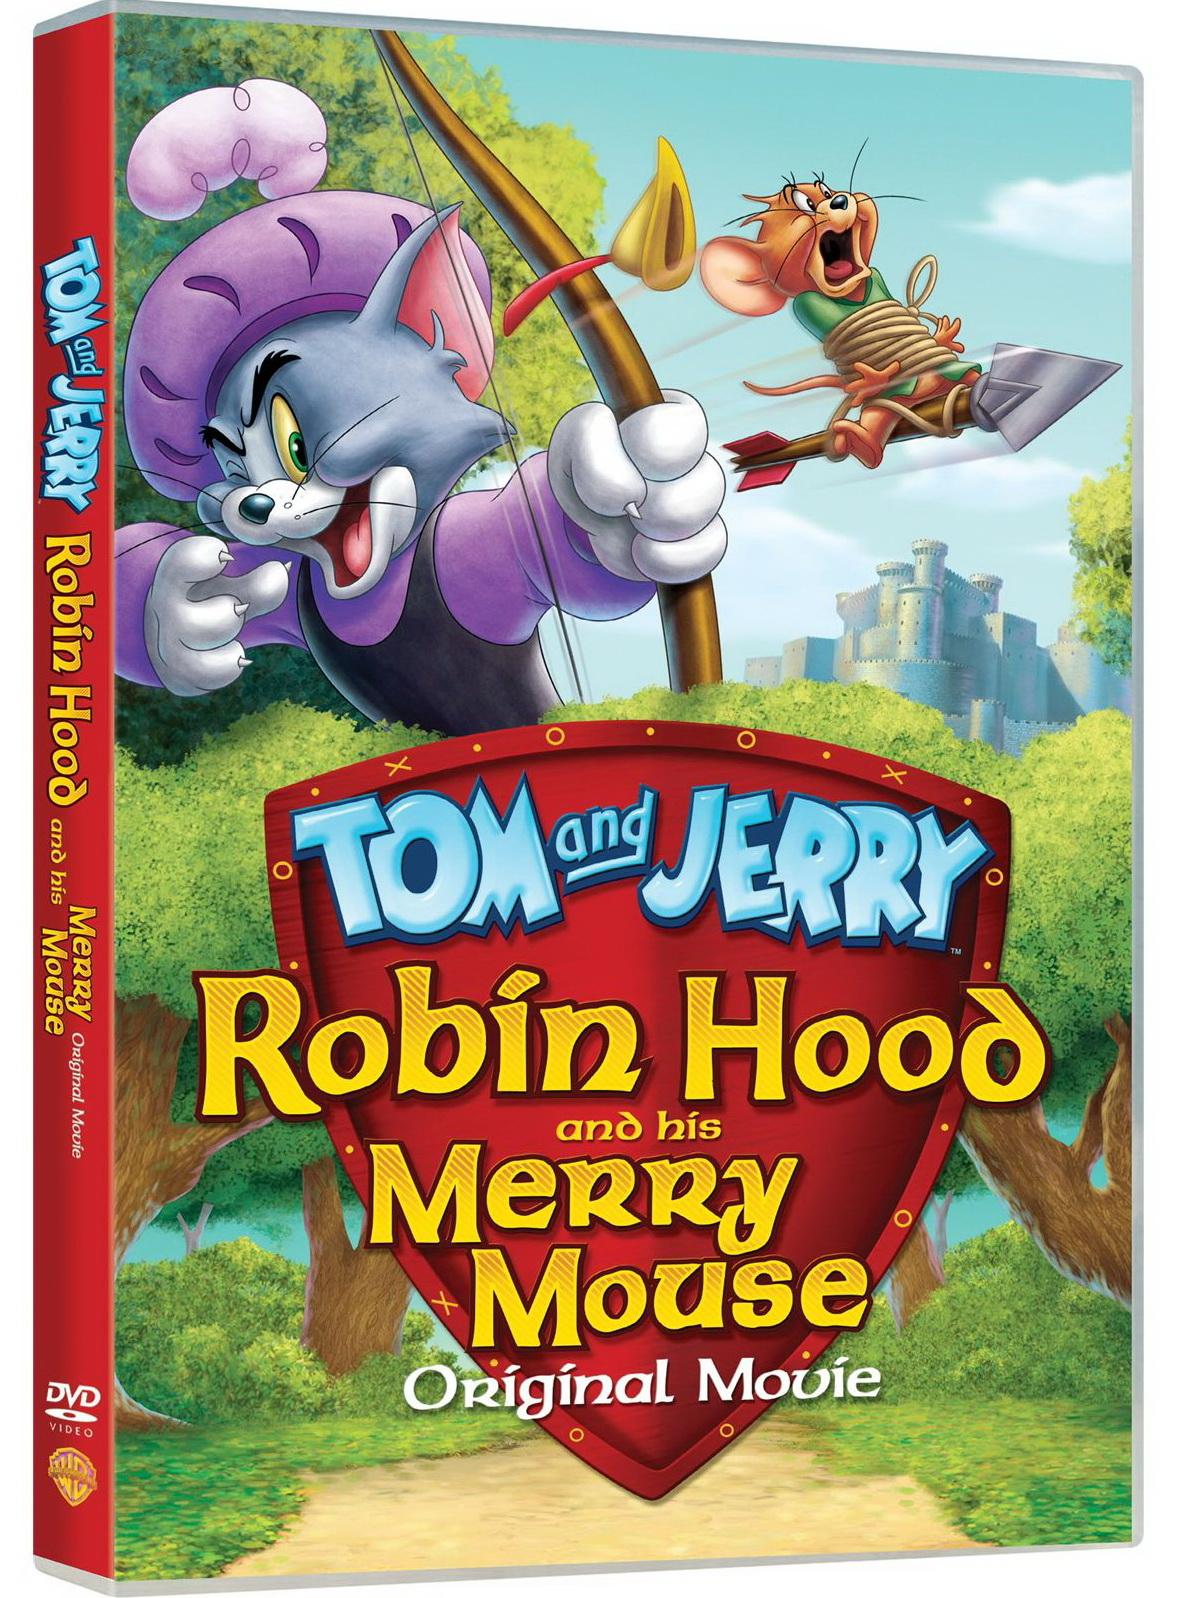 Том и джерри робин гуд и мышь весельчак 15 фотография